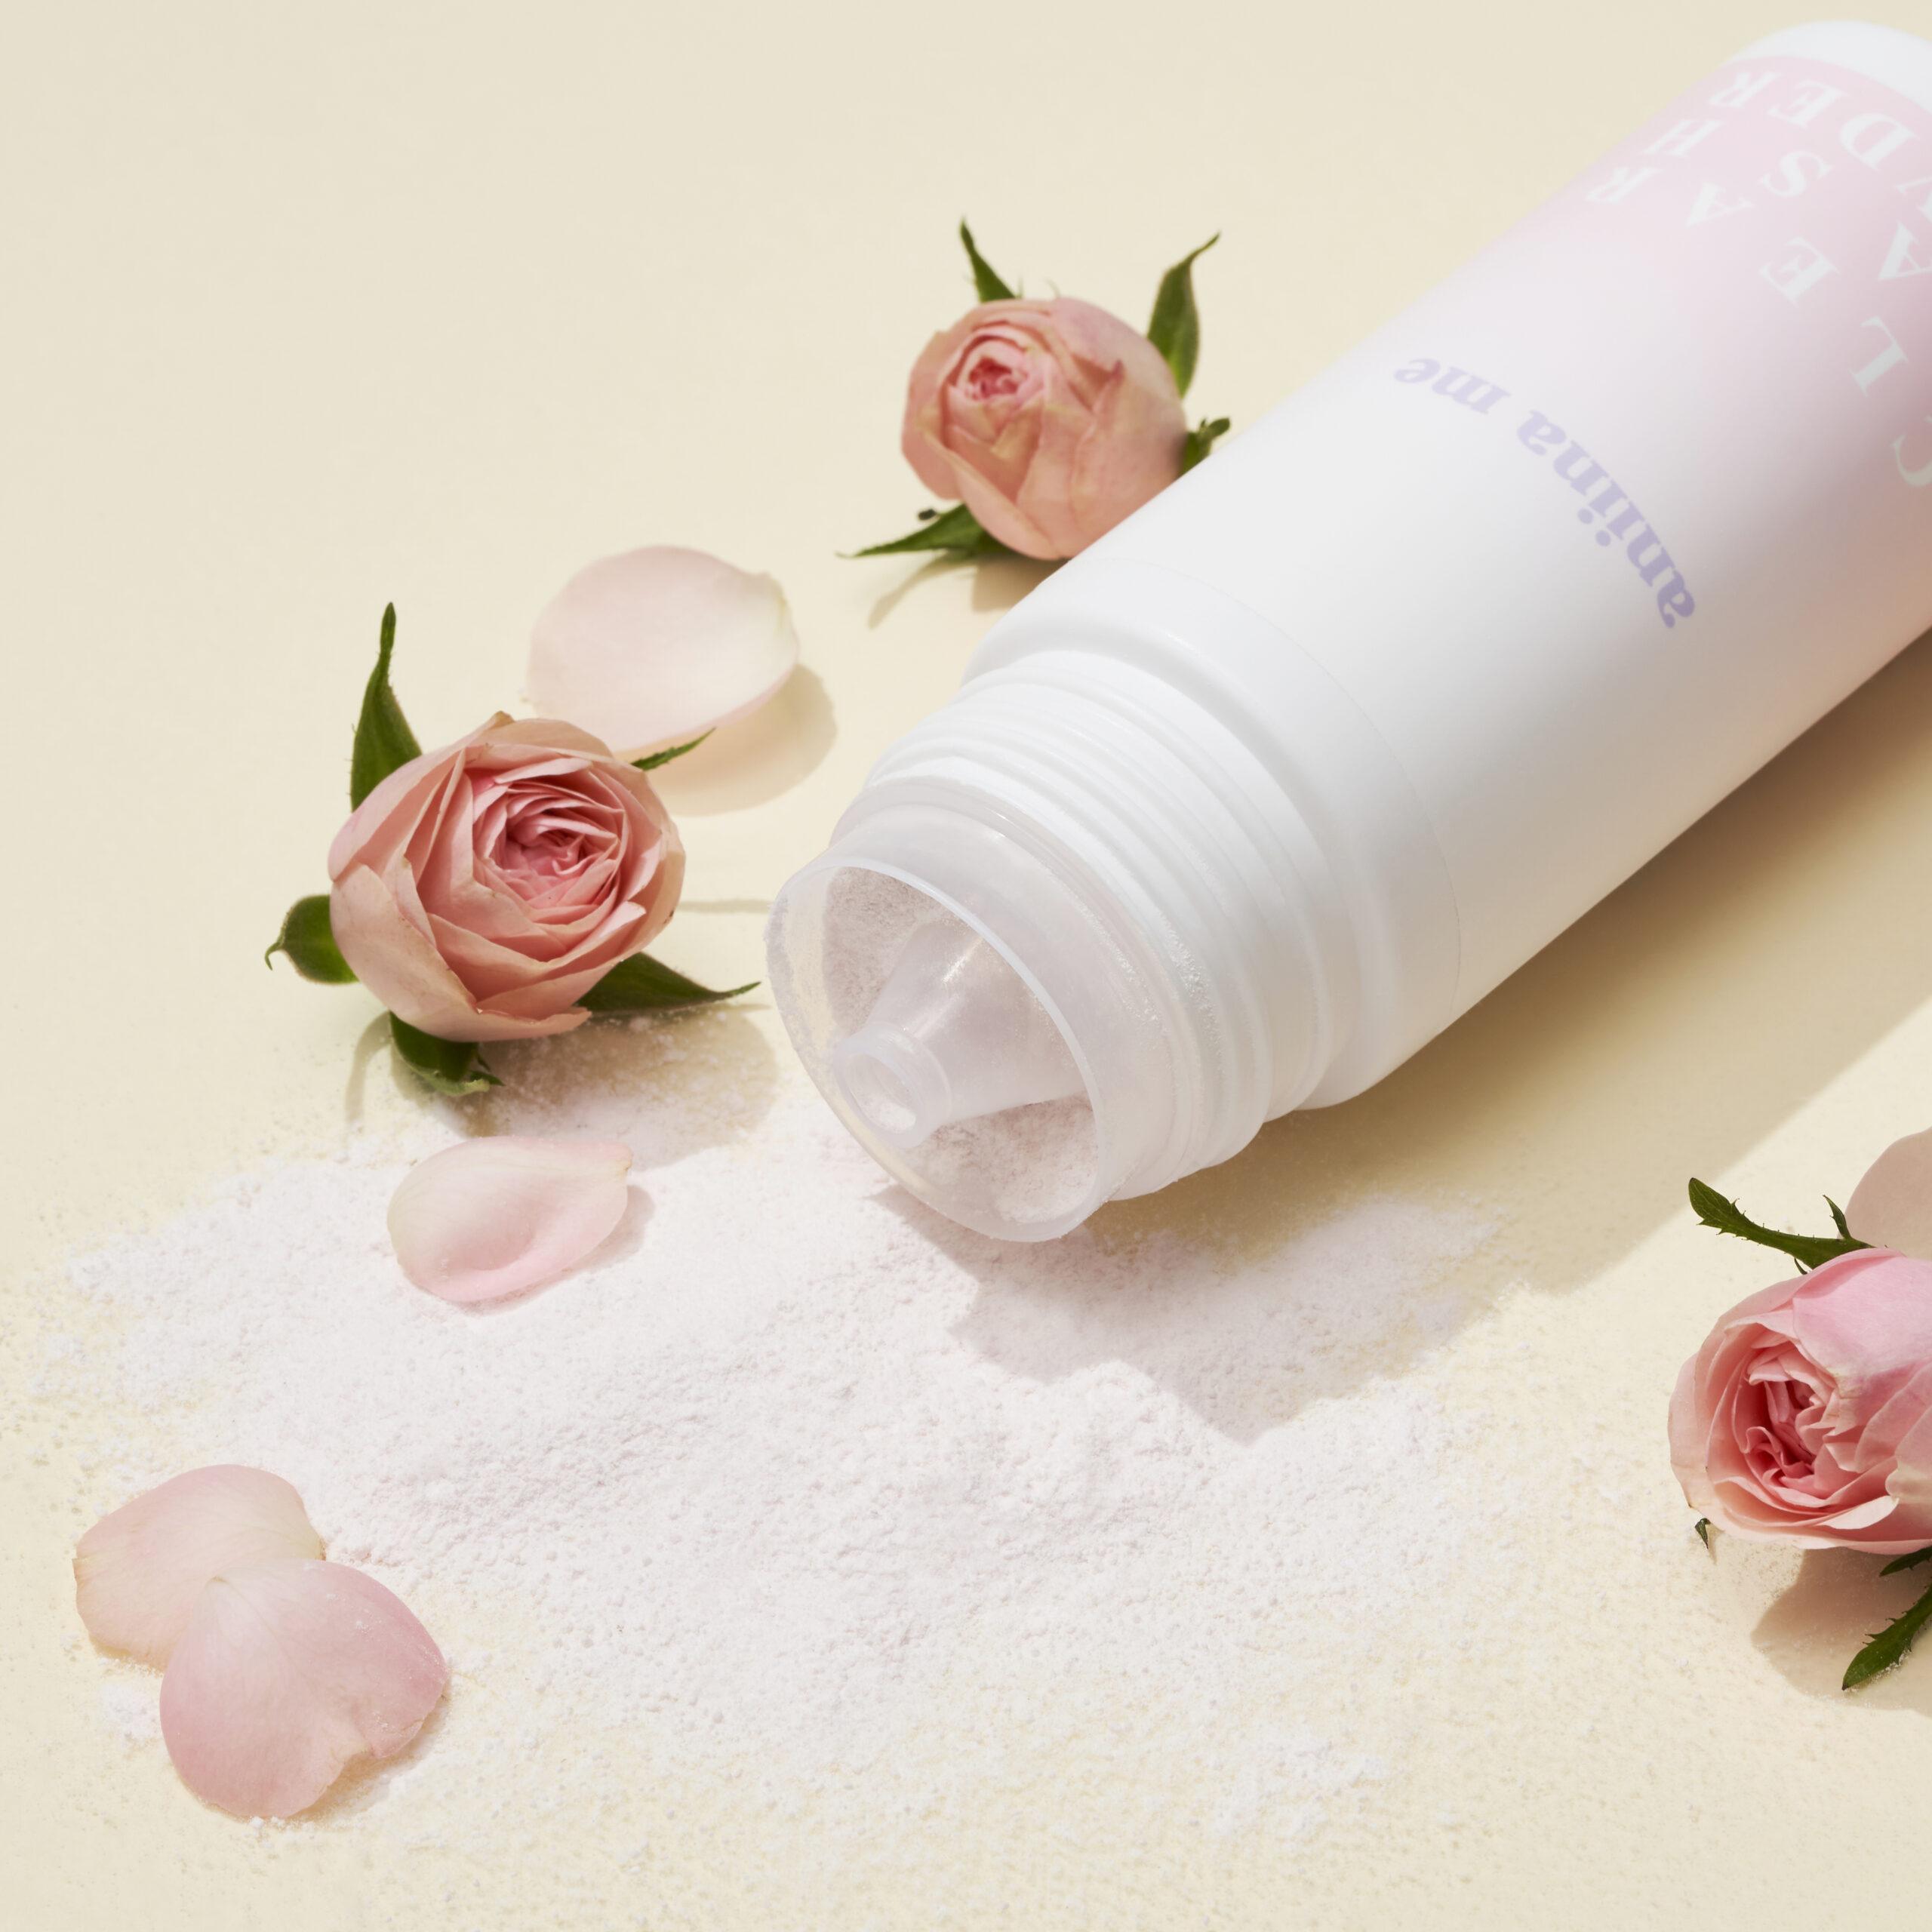 土屋アンナがプロデュース!家族と自分自身を大切にする人のためのスキンケアブランド〈aniina me〉から、毛穴ケアと洗顔を同時に叶える敏感肌のための酵素パウダーが登場。